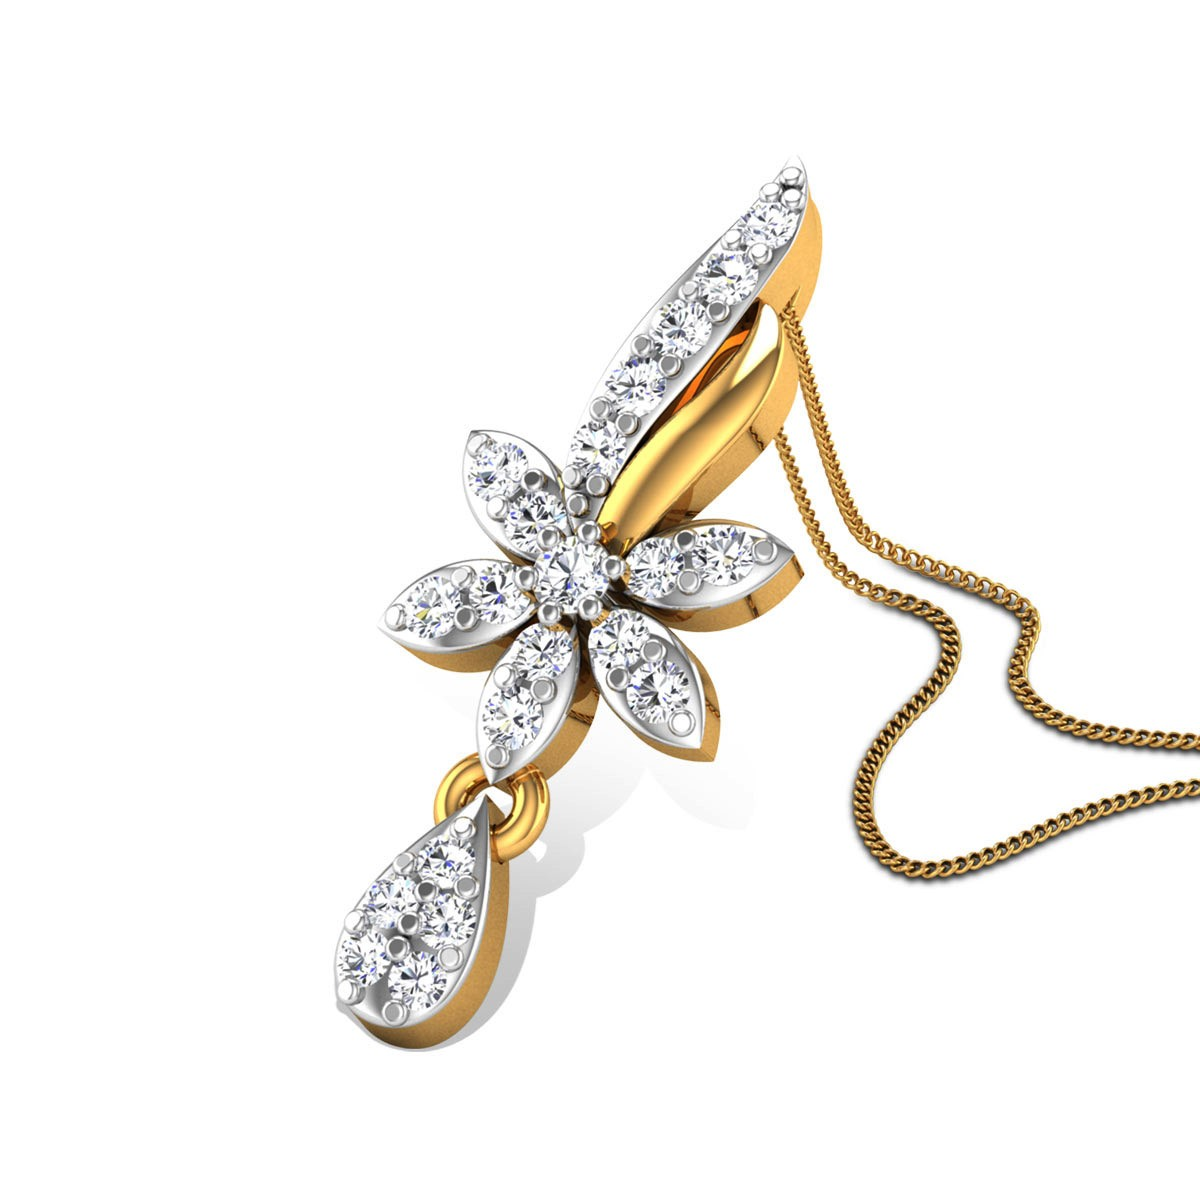 Aahlaadith Diamond Floral Pendant